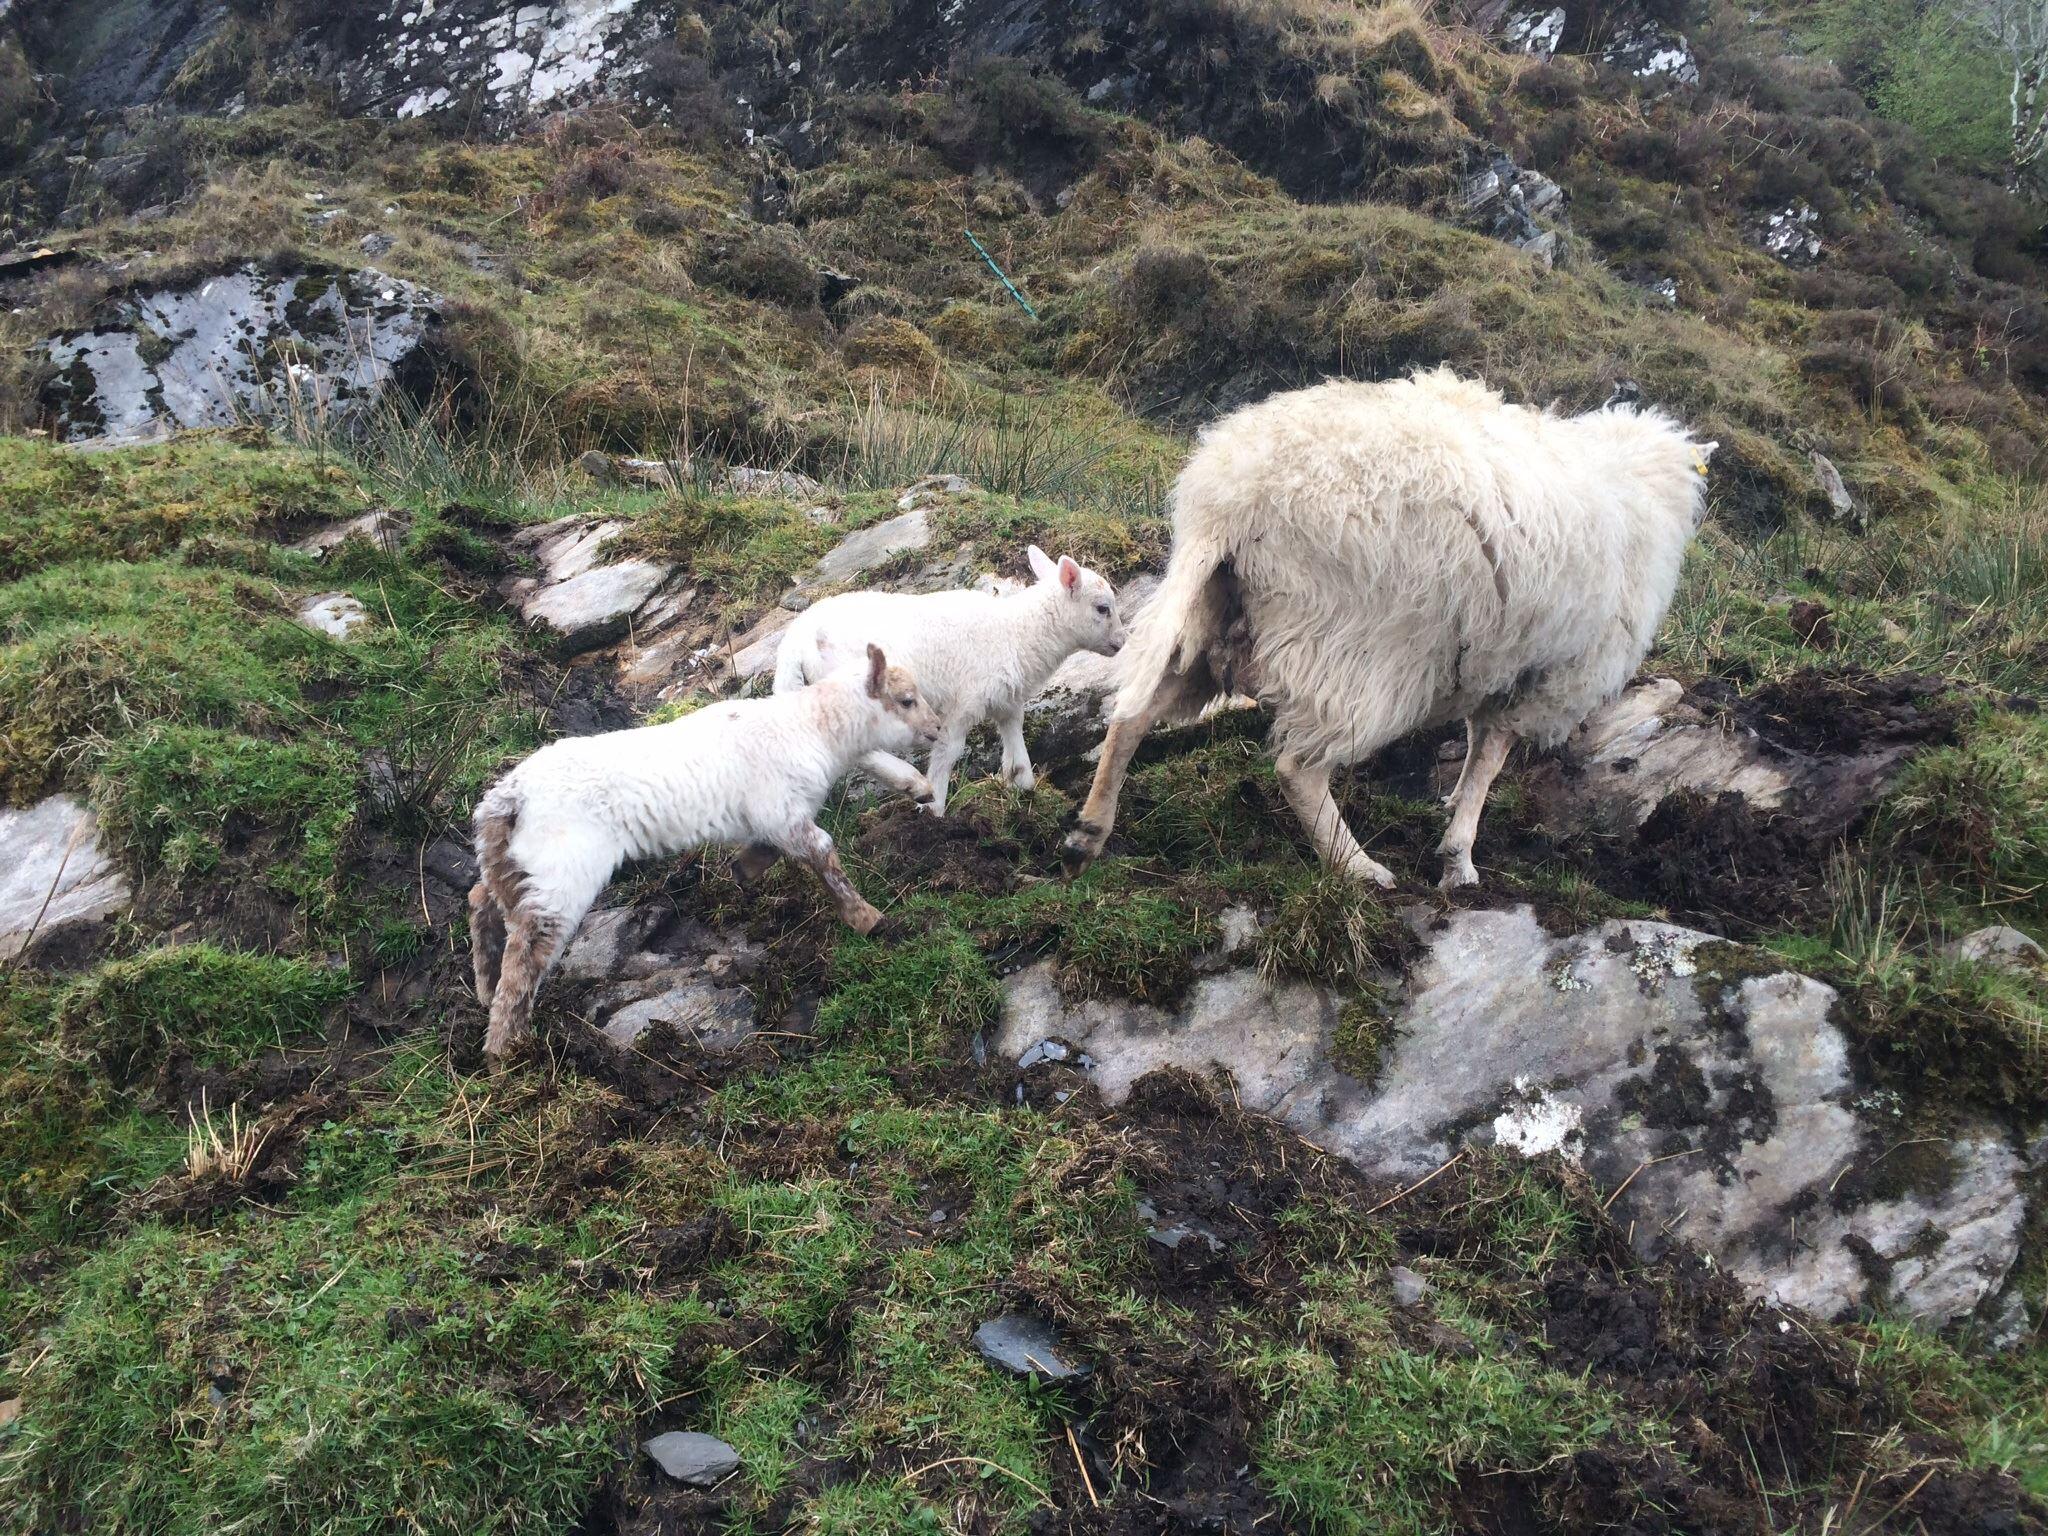 Lambs - Tarbet, Knoydart